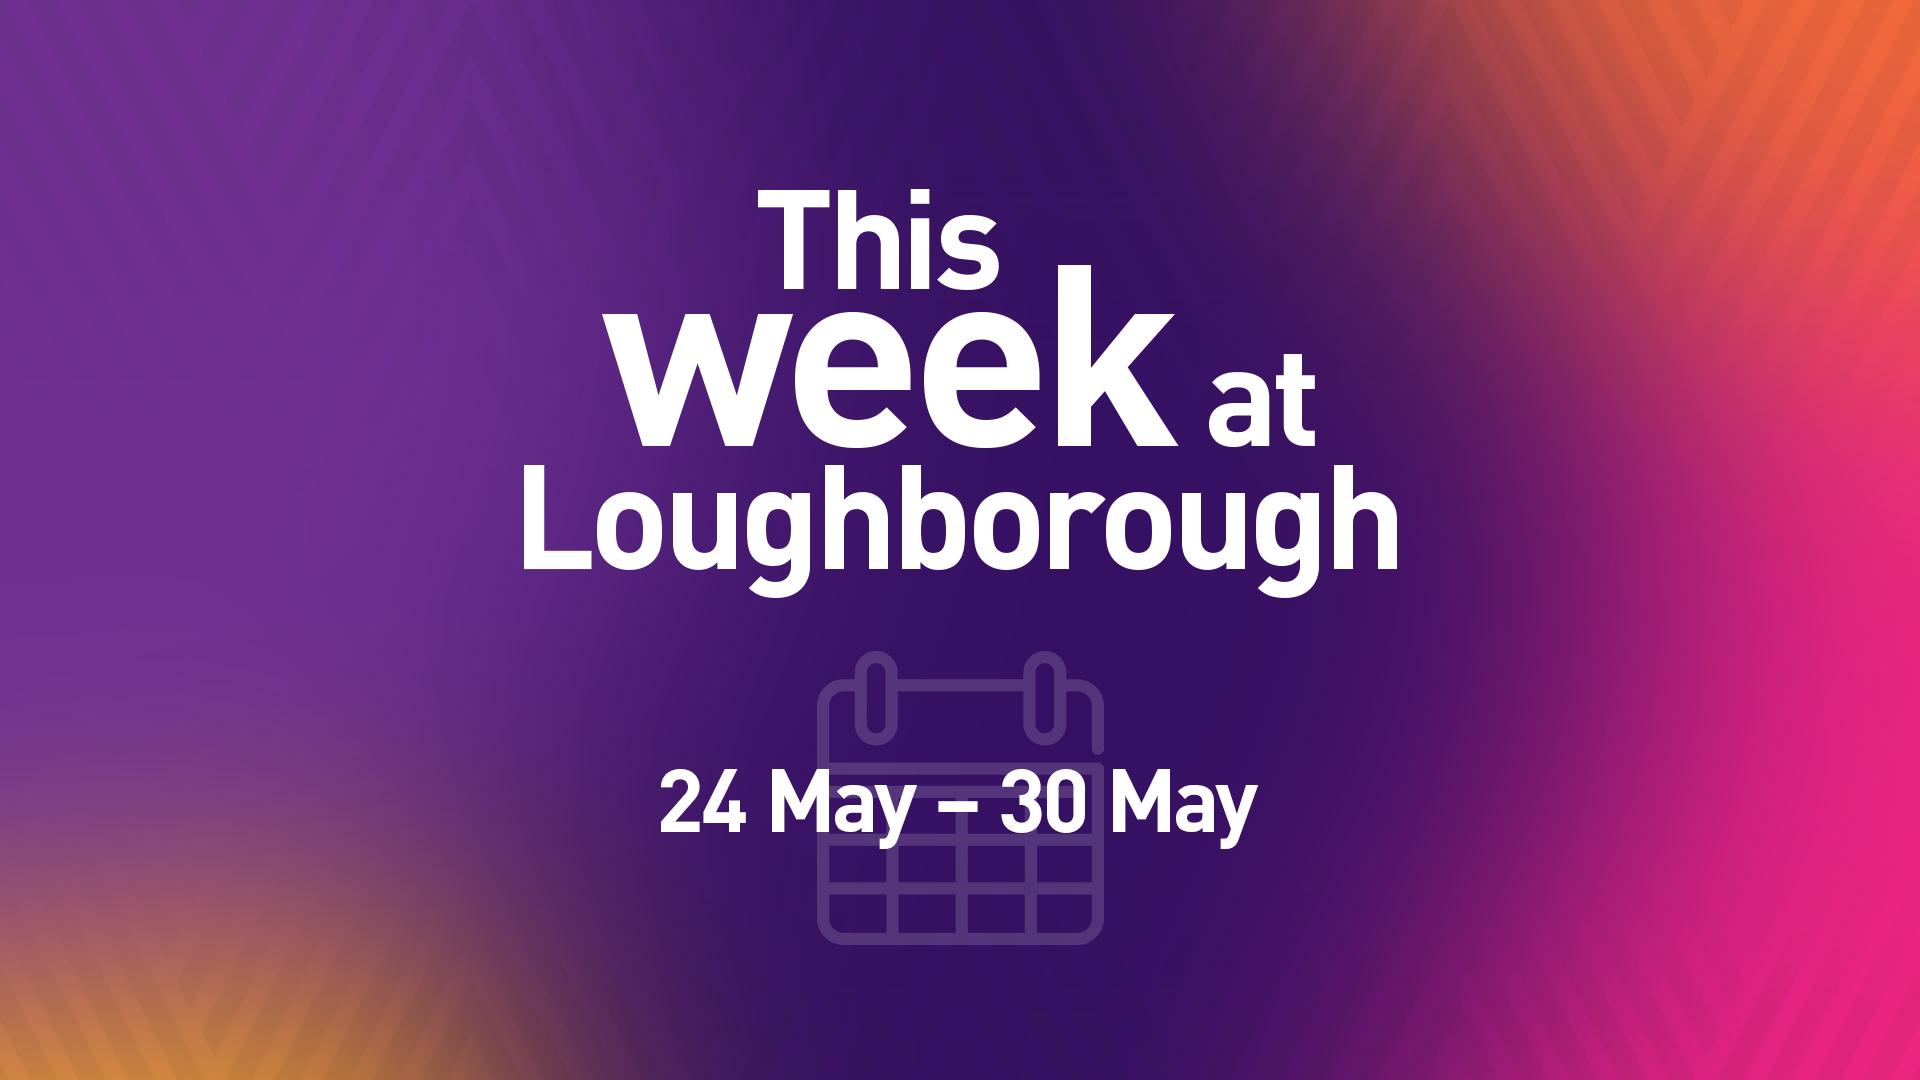 This Week at Loughborough | 24 May